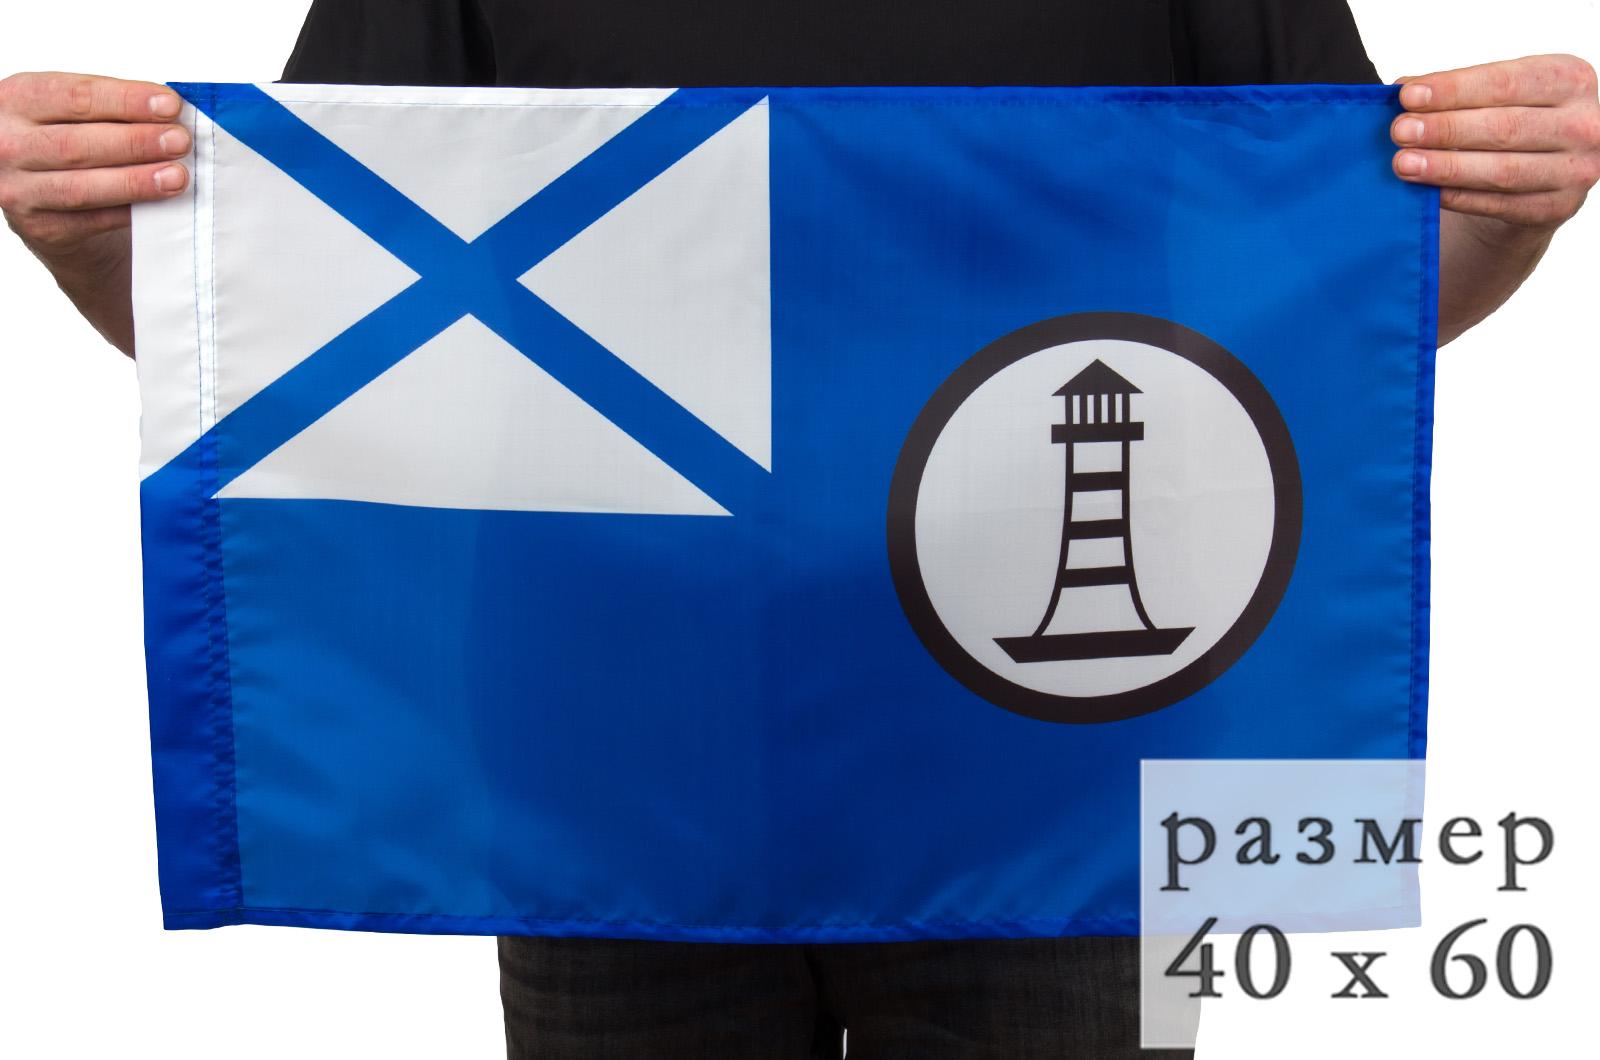 Флаг гидрографической службы ВМФ